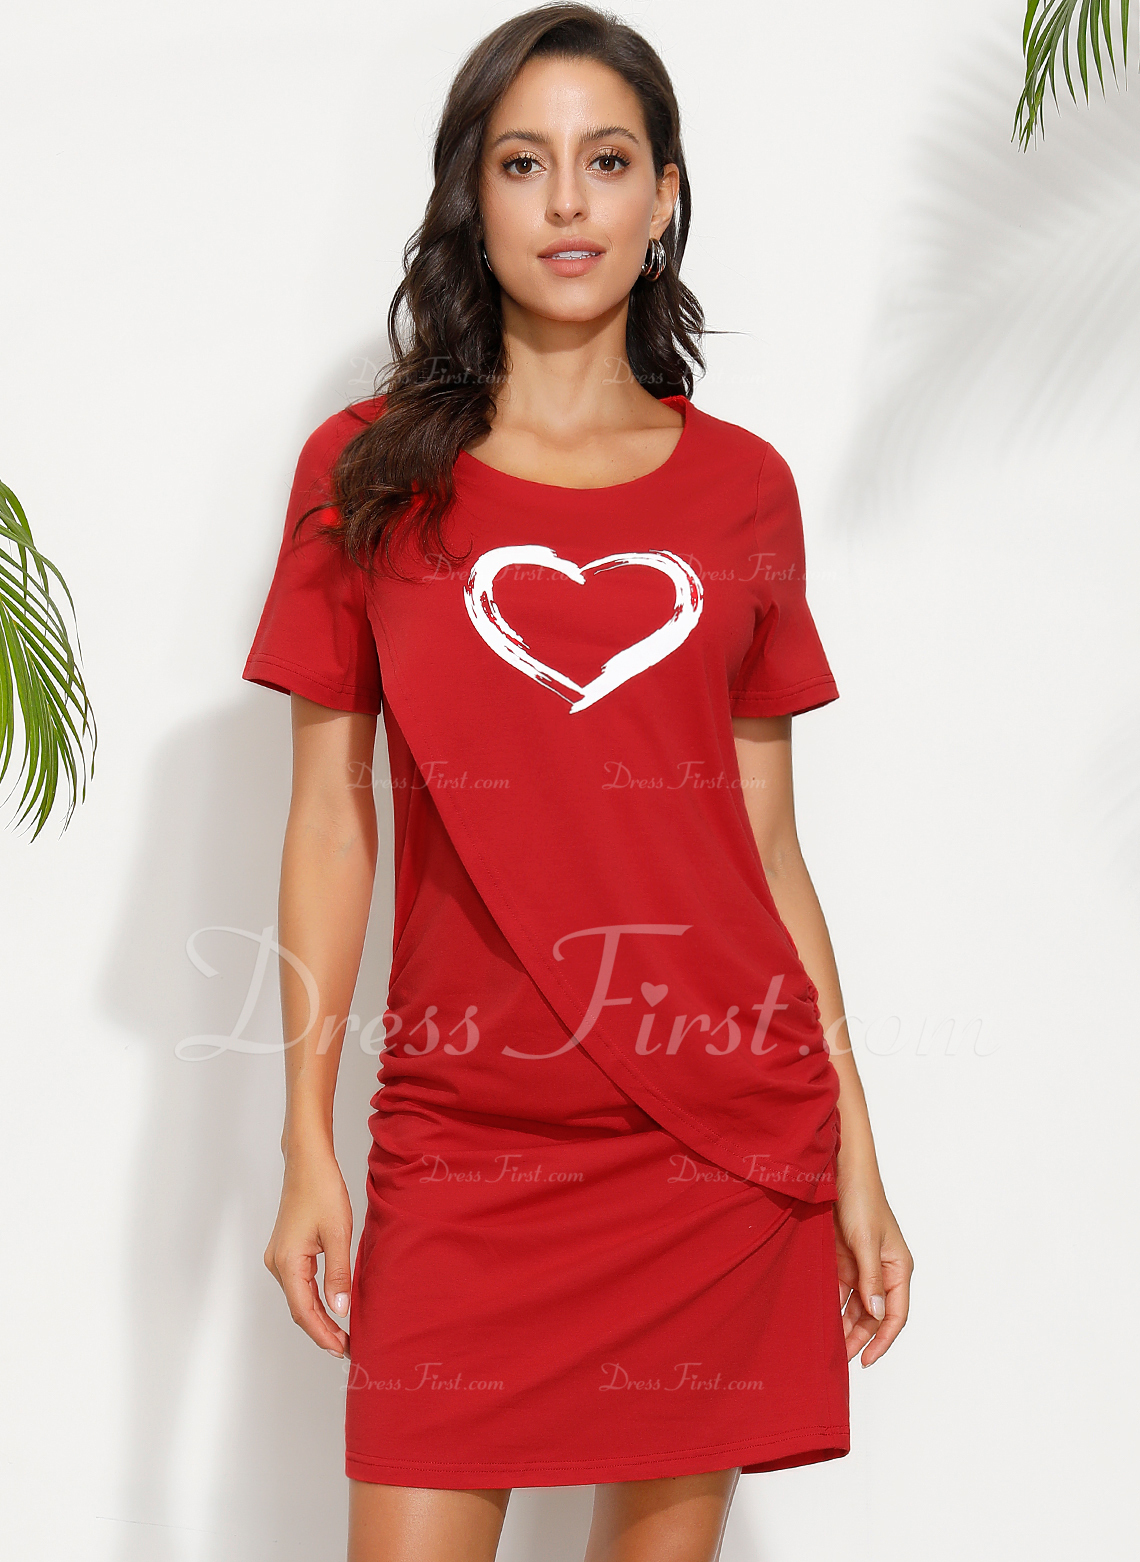 Print Bodycon Korte ærmer Mini Casual T-shirt Mode kjoler